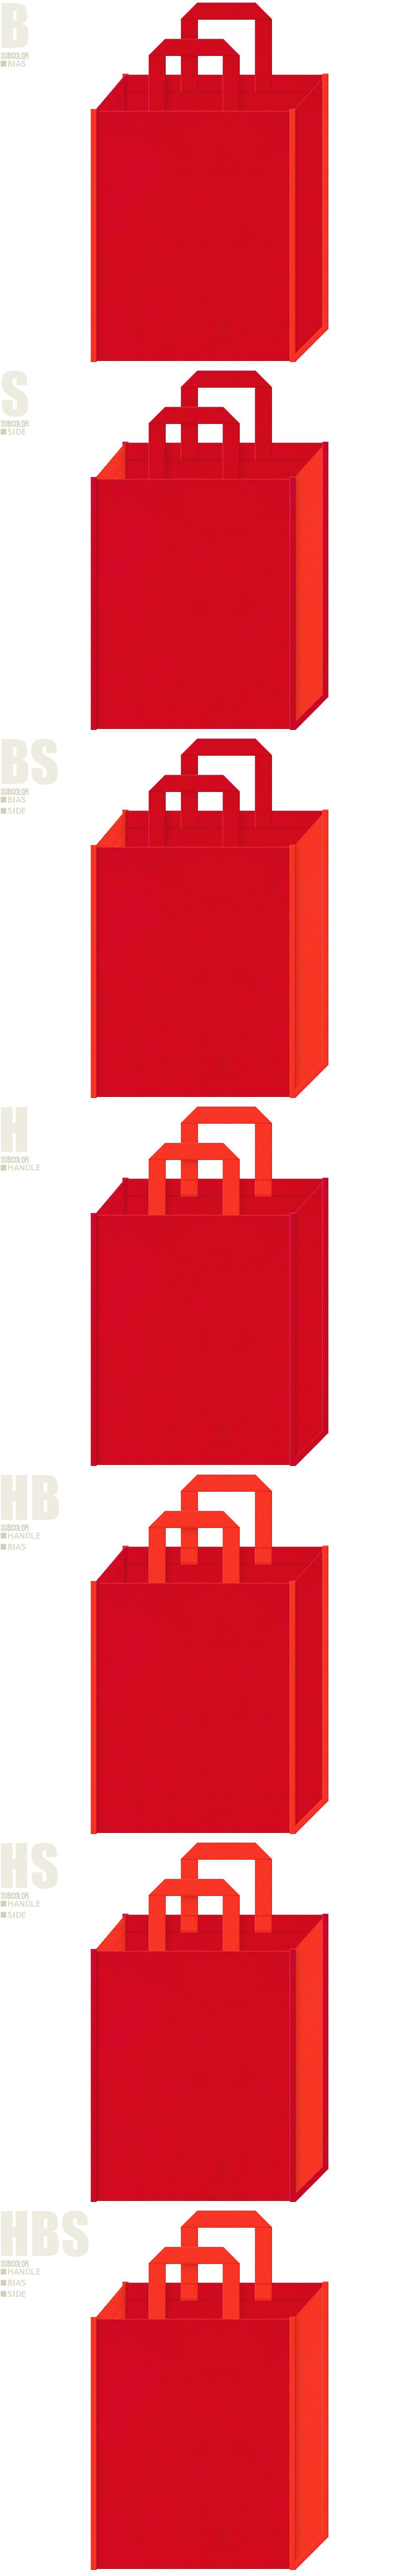 不織布トートバッグのデザイン:サプリメントにお奨めの配色です。